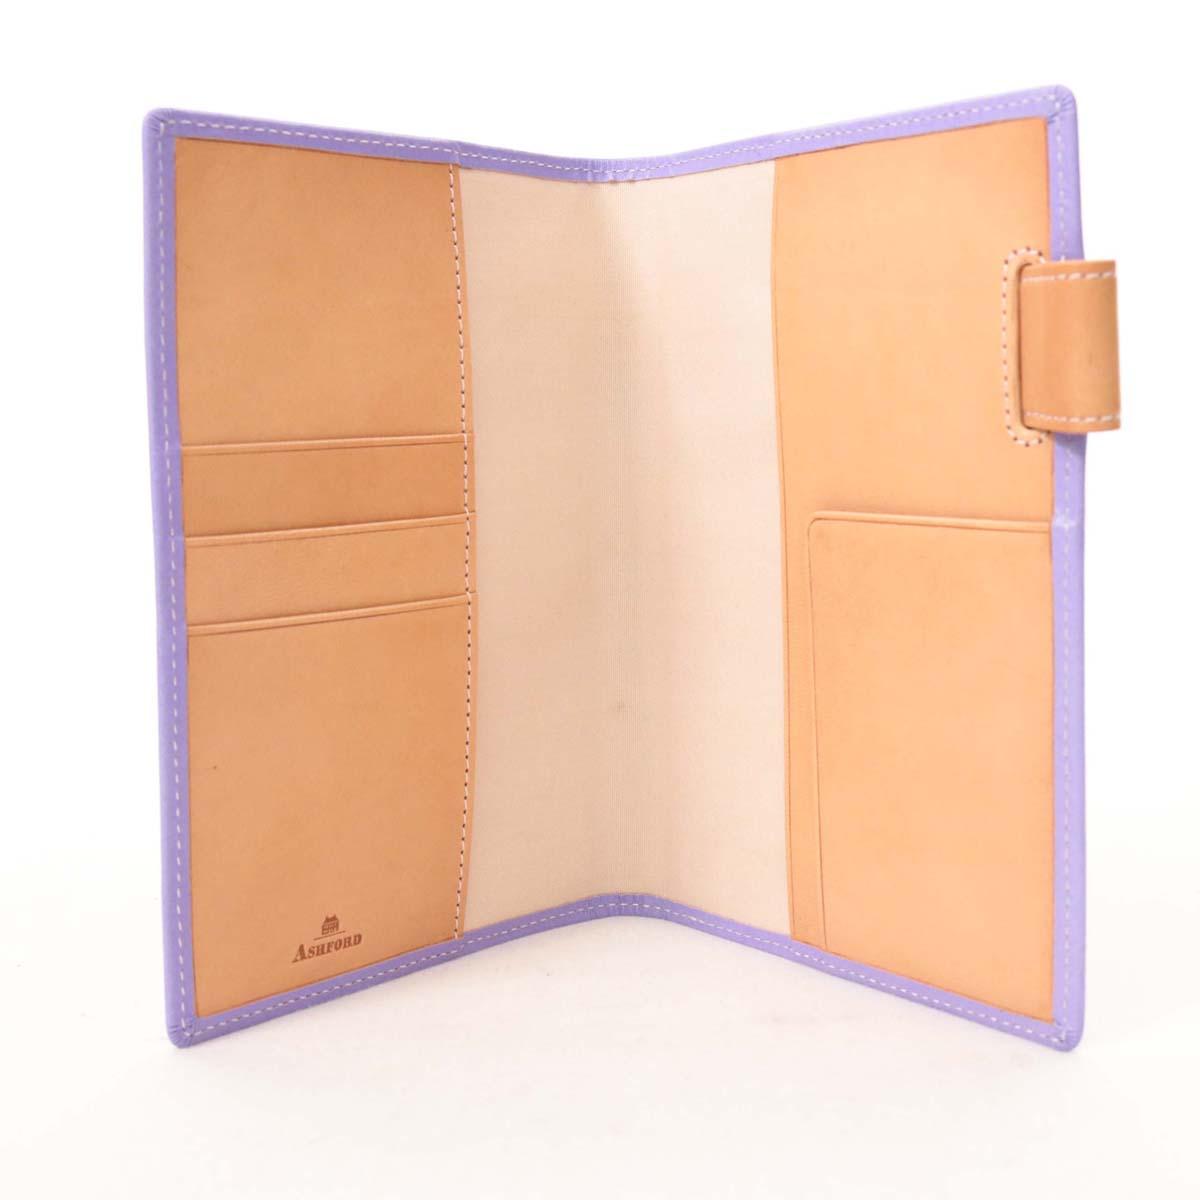 【中古】未使用品☆アッシュフォード レザー手帳カバー☆  パープル/紫/革/13653-CH0818